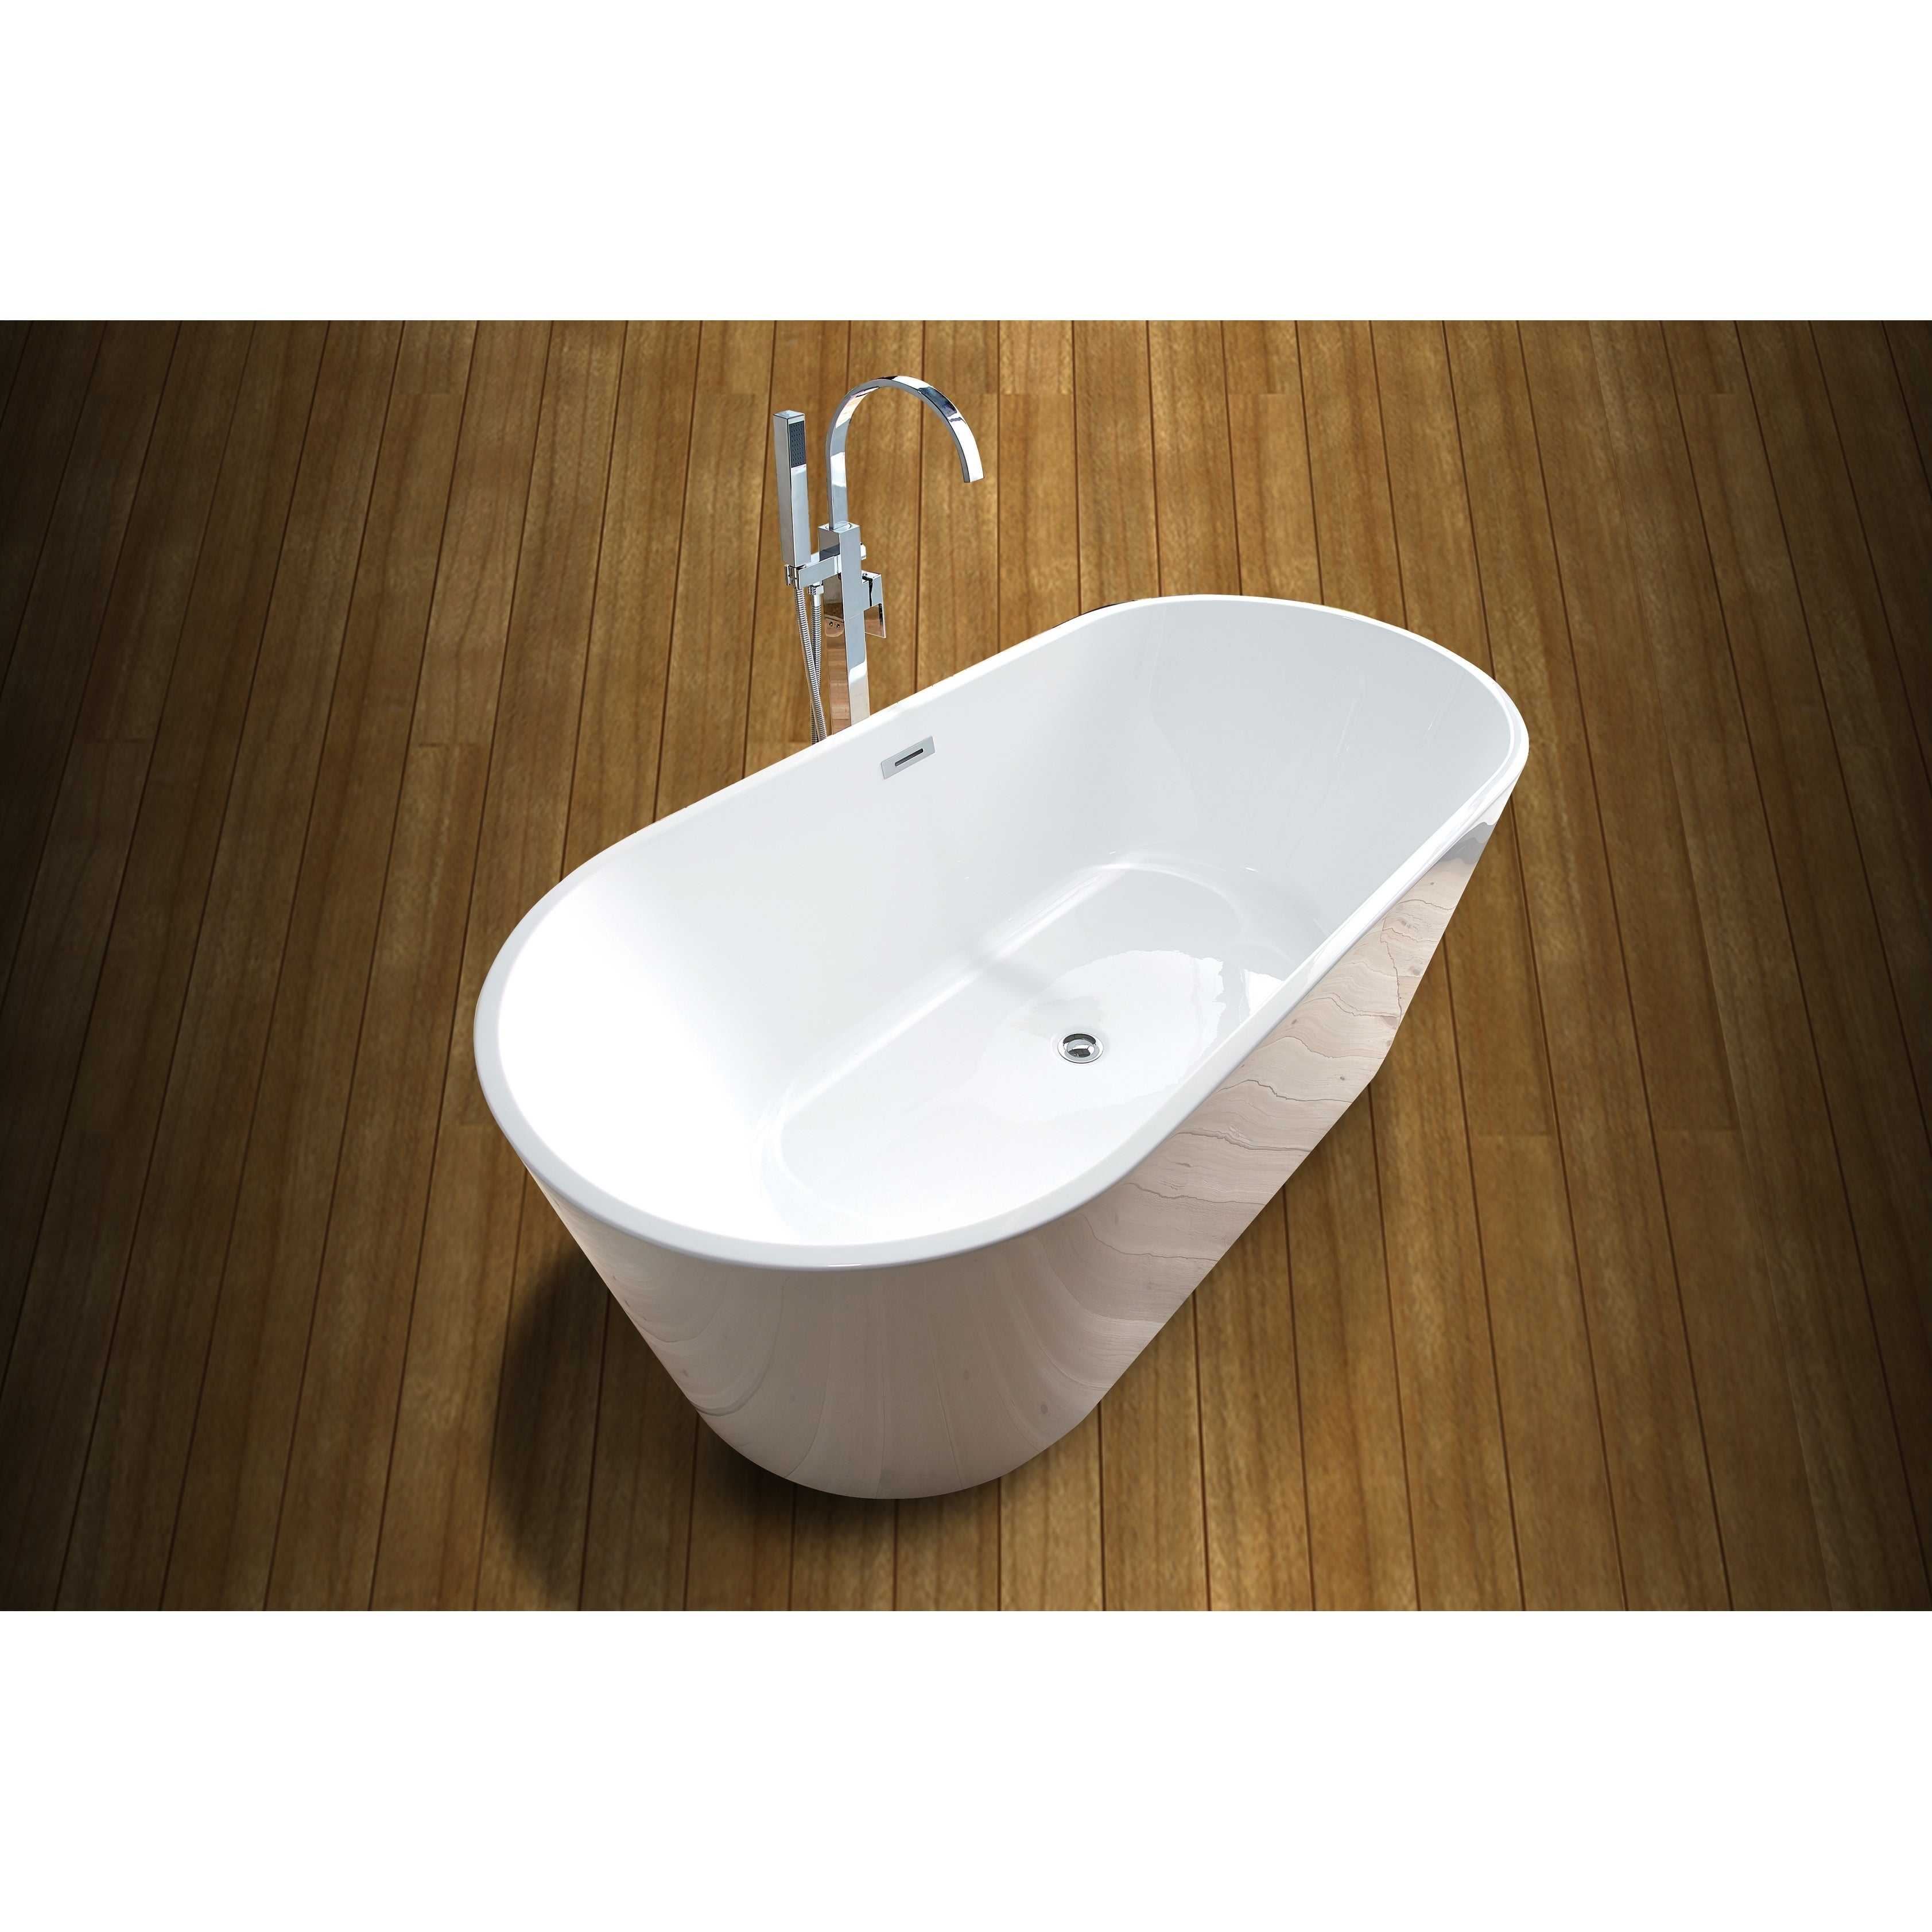 ends standing tub rim free bathtub tapered thin x oval